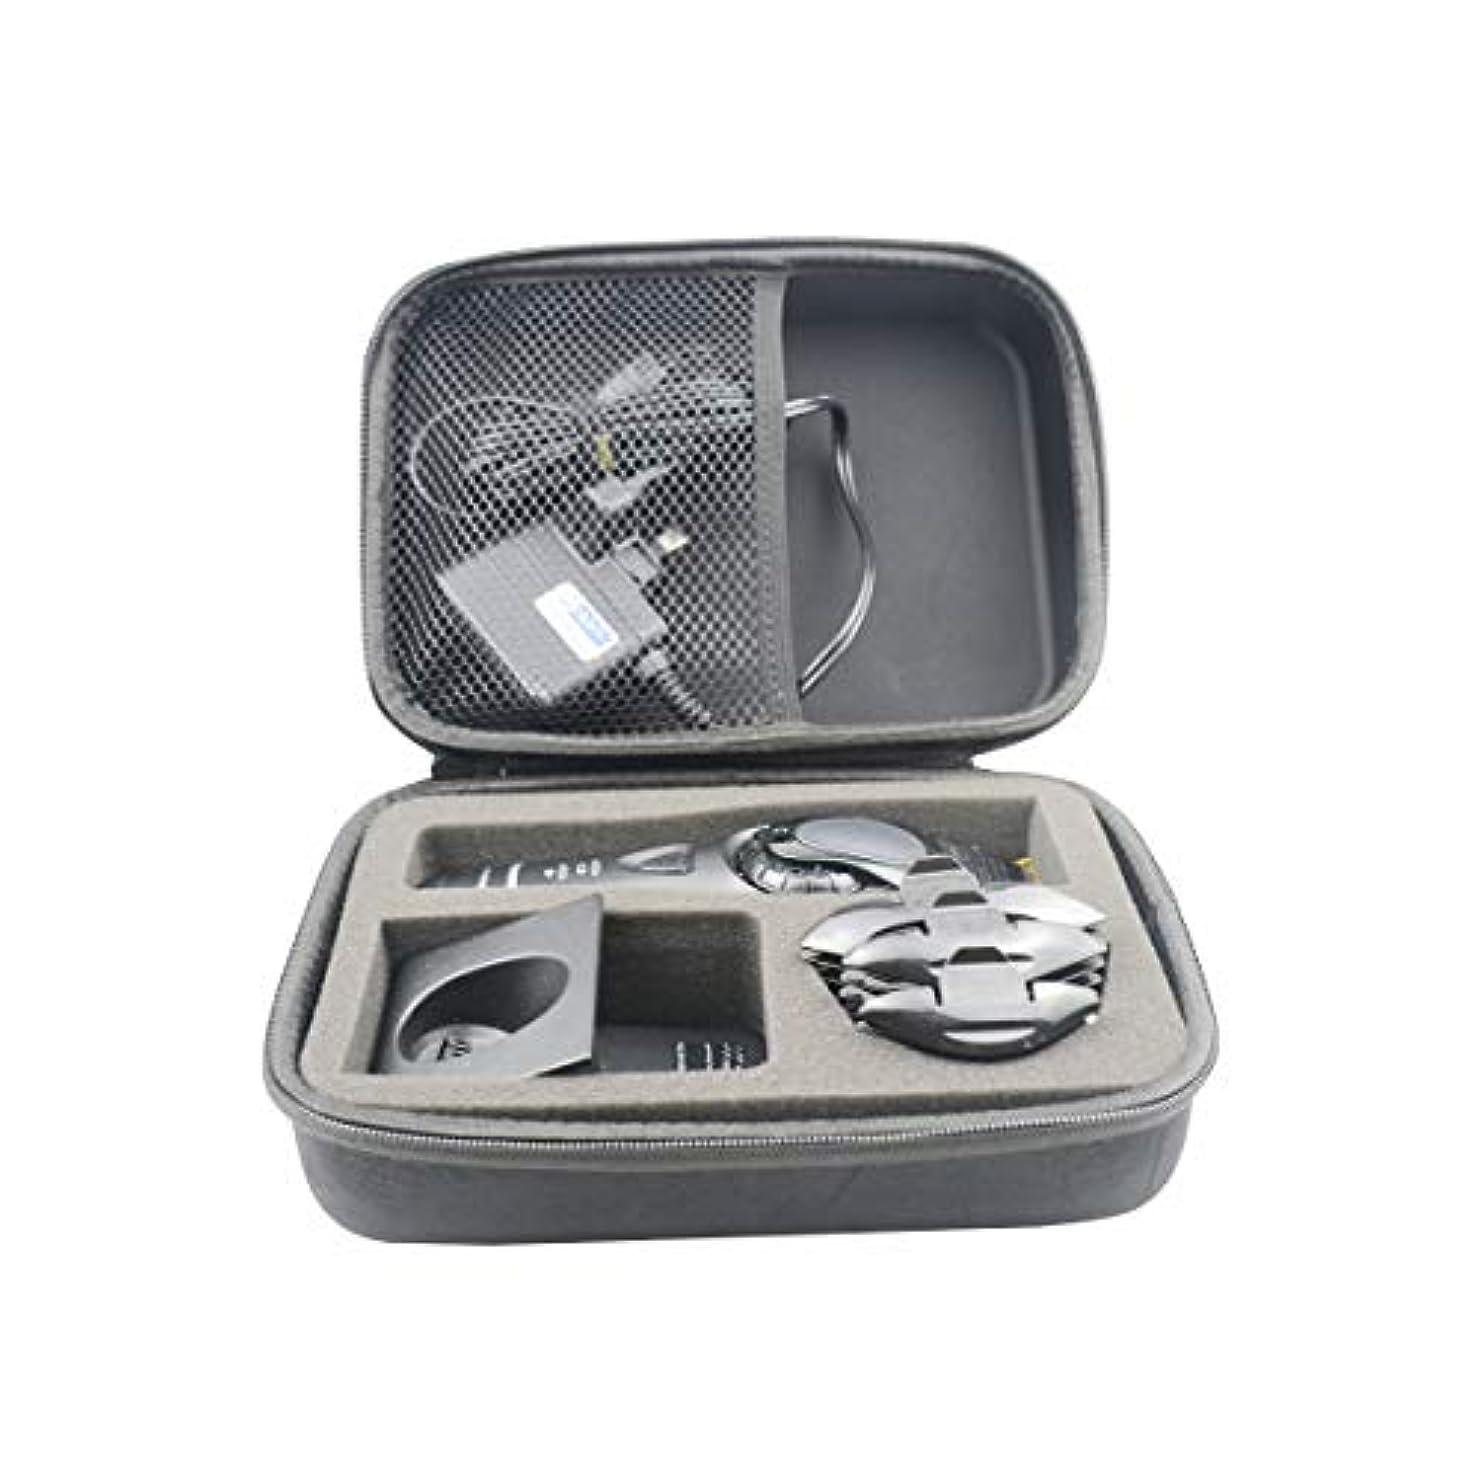 願望発生器生SANVSENパナソニックER-GP80 Kプロフェッショナルヘアクリッパーハードスーツケース